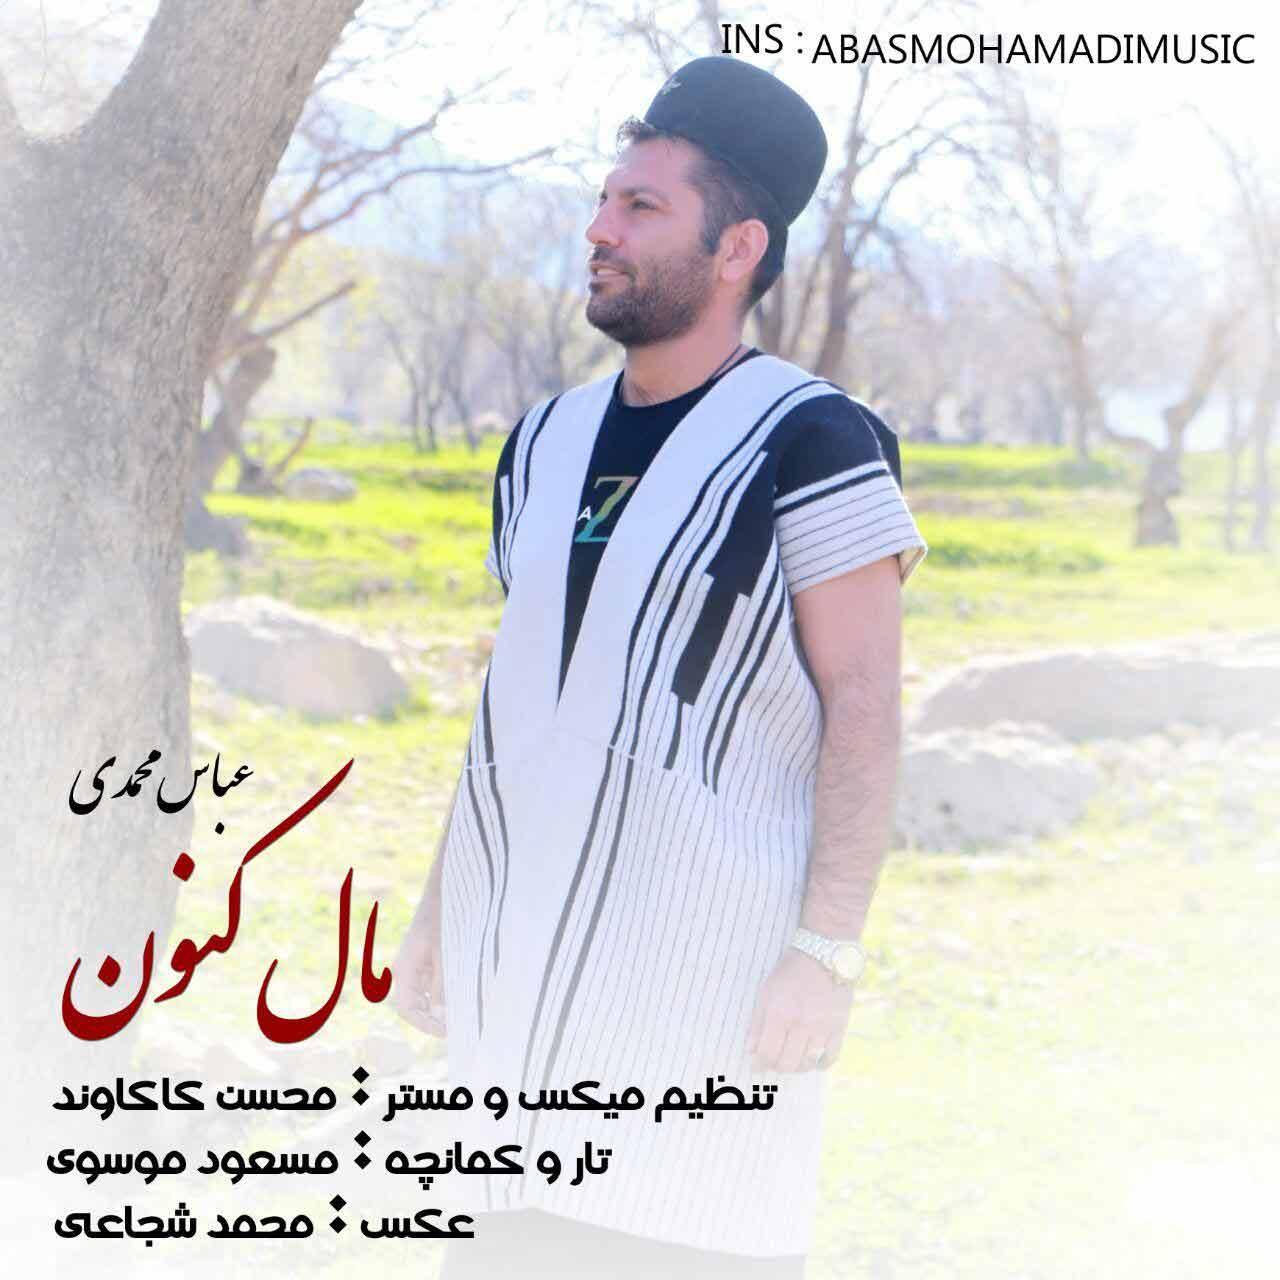 دانلود آهنگ لری مال کنون از عباس محمدی